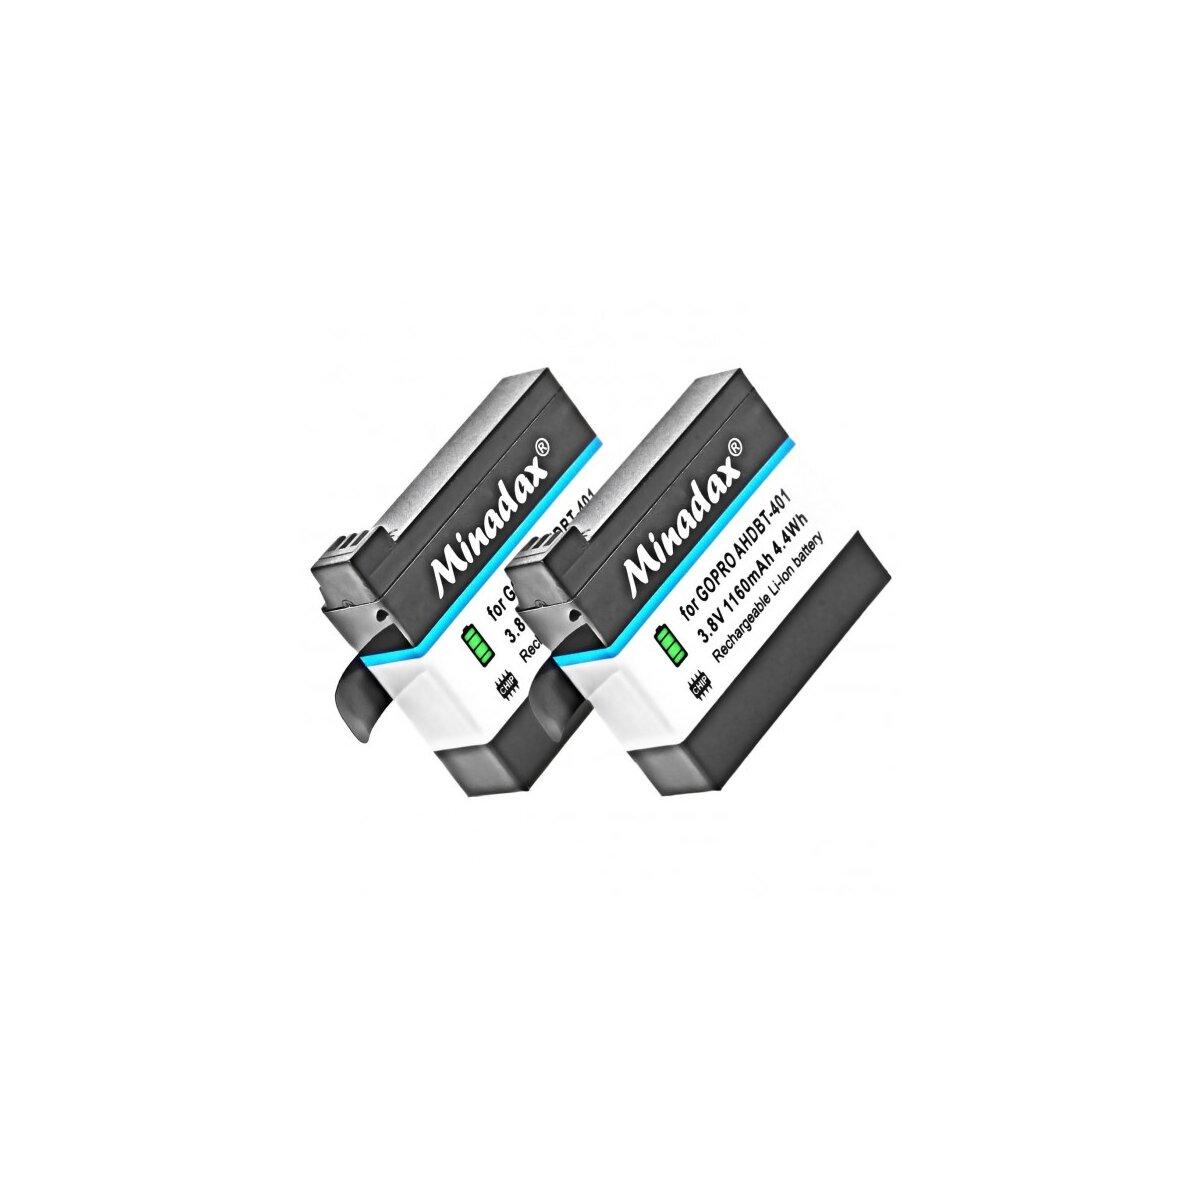 2x Minadax Qualitätsakku mit echten 1160mAh kompatibel für GoPro Hero 4 Ersatz für AHDBT-401 - Intelligentes Akkusystem mit Chip